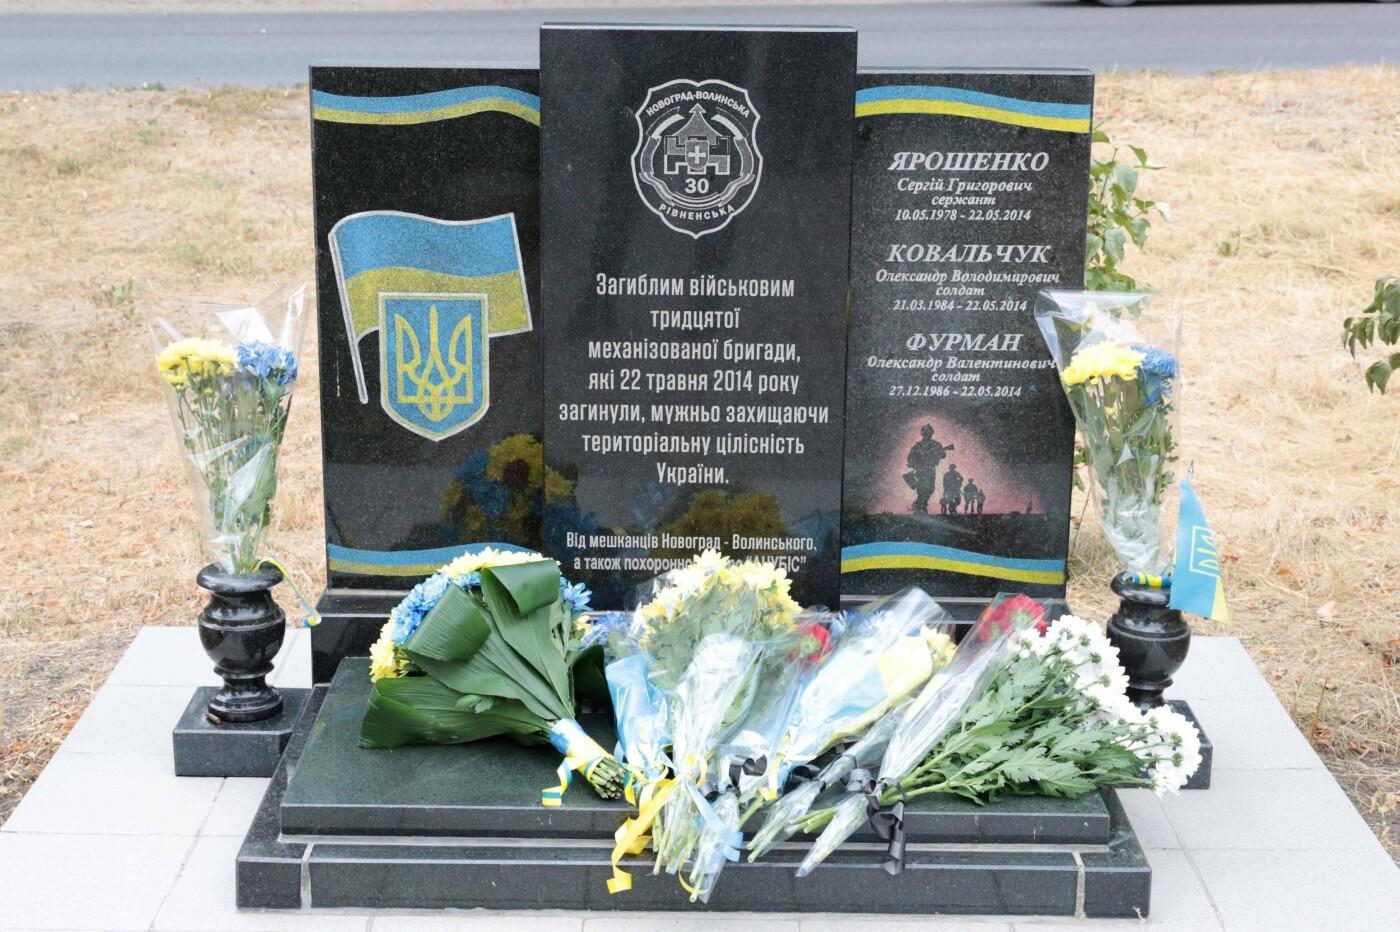 Четыре города на Луганщине празднуют 7-ю годовщину освобождения от оккупантов, фото-2